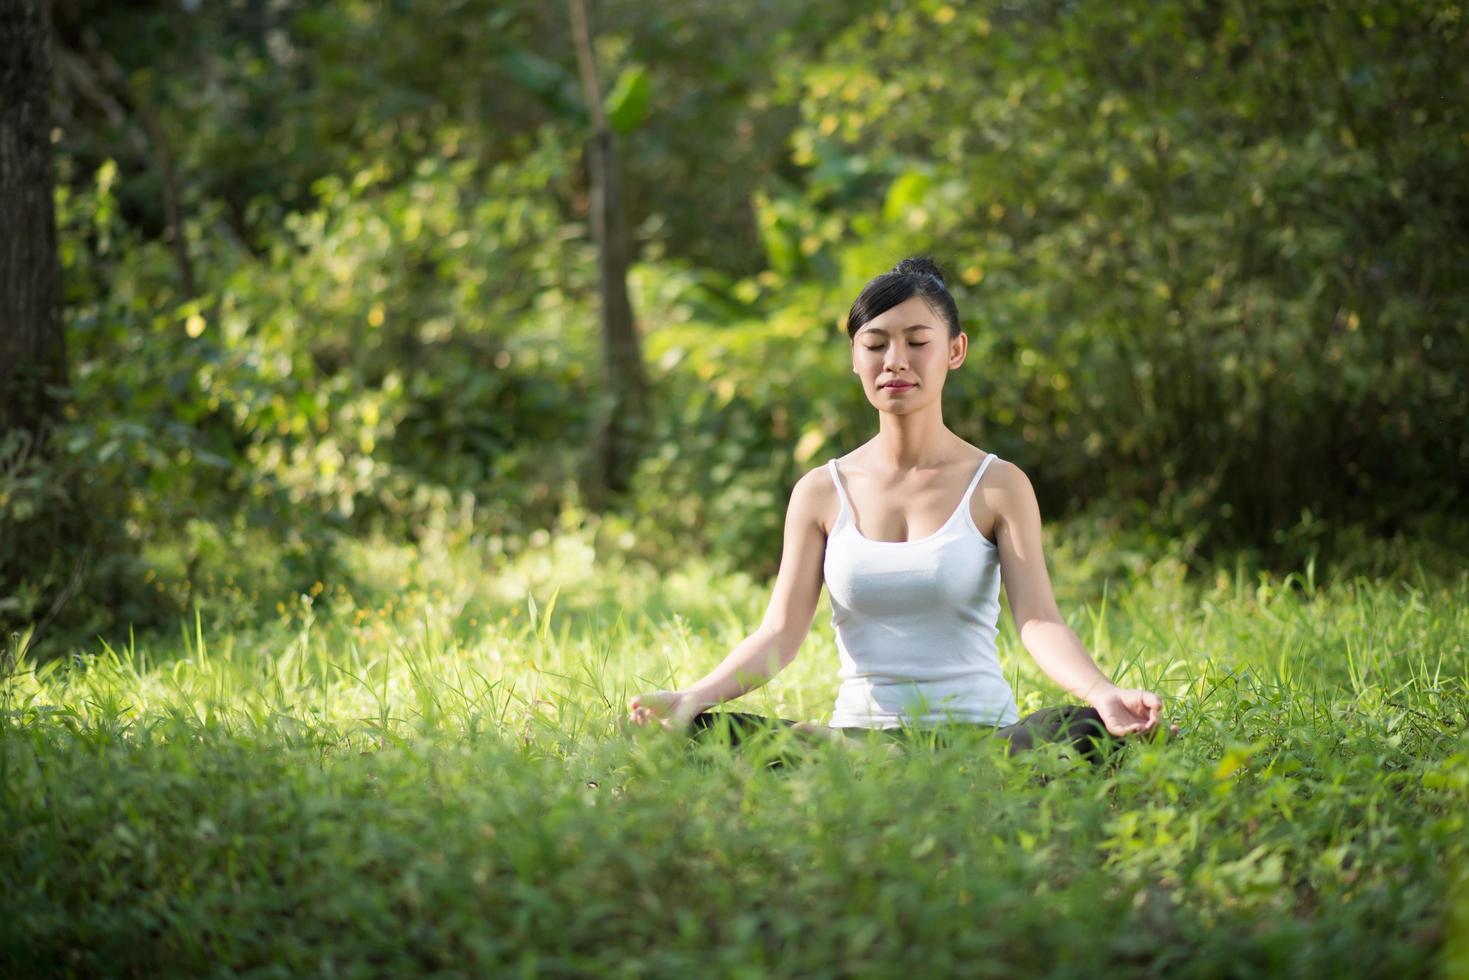 Frau im Yoga posieren im Freien in der Natur foto